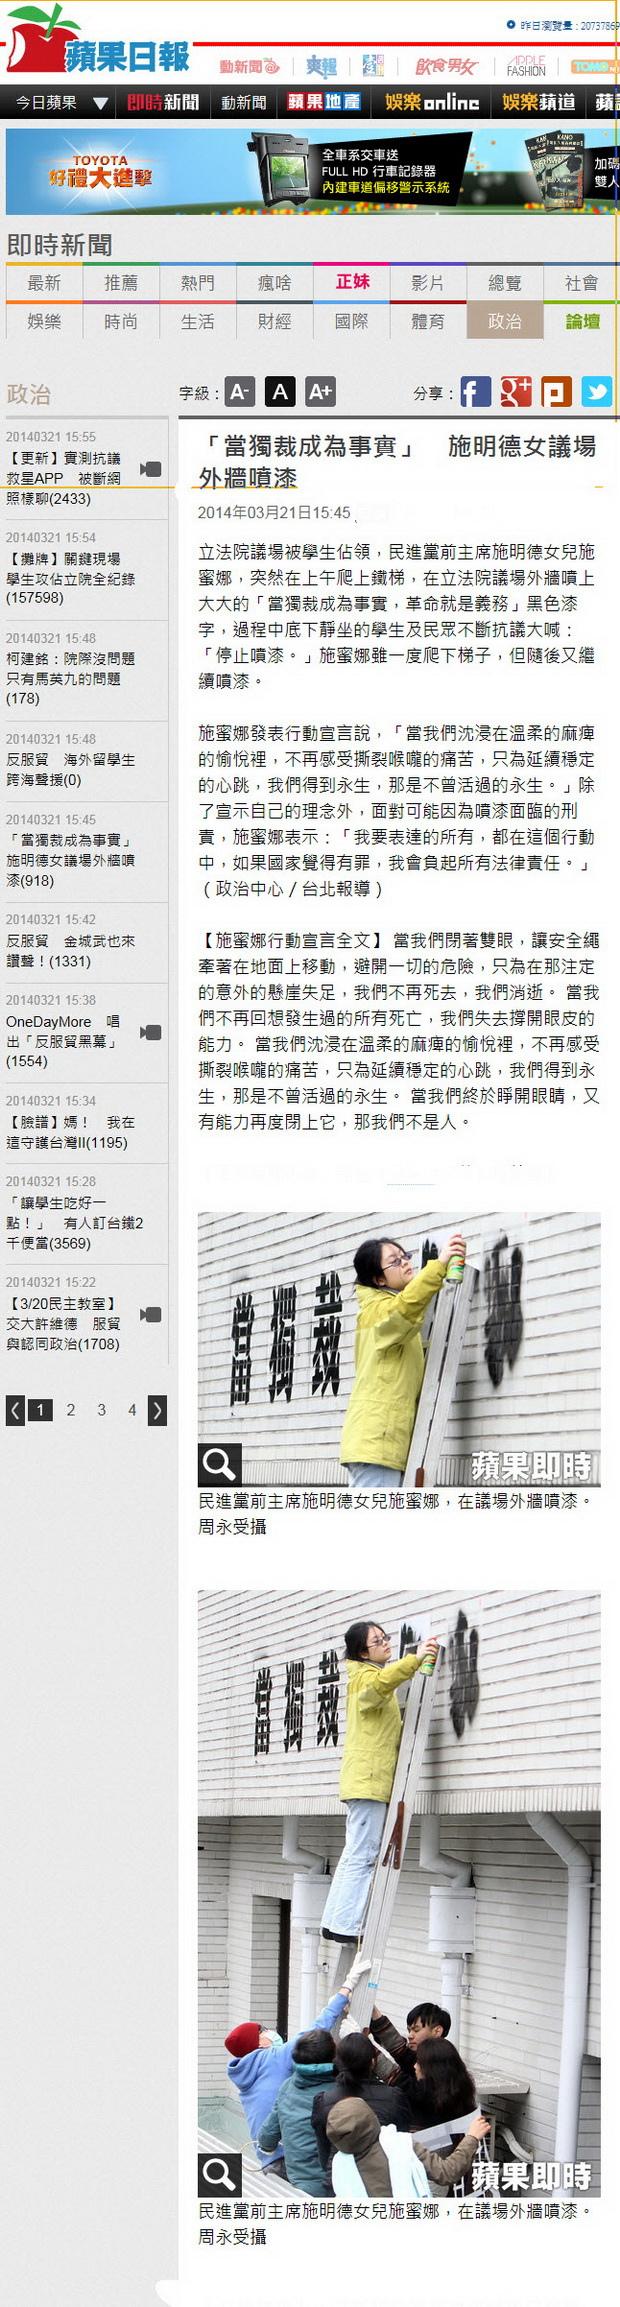 「當獨裁成為事實」施明德女議場外牆噴漆 -2014.03.21.jpg